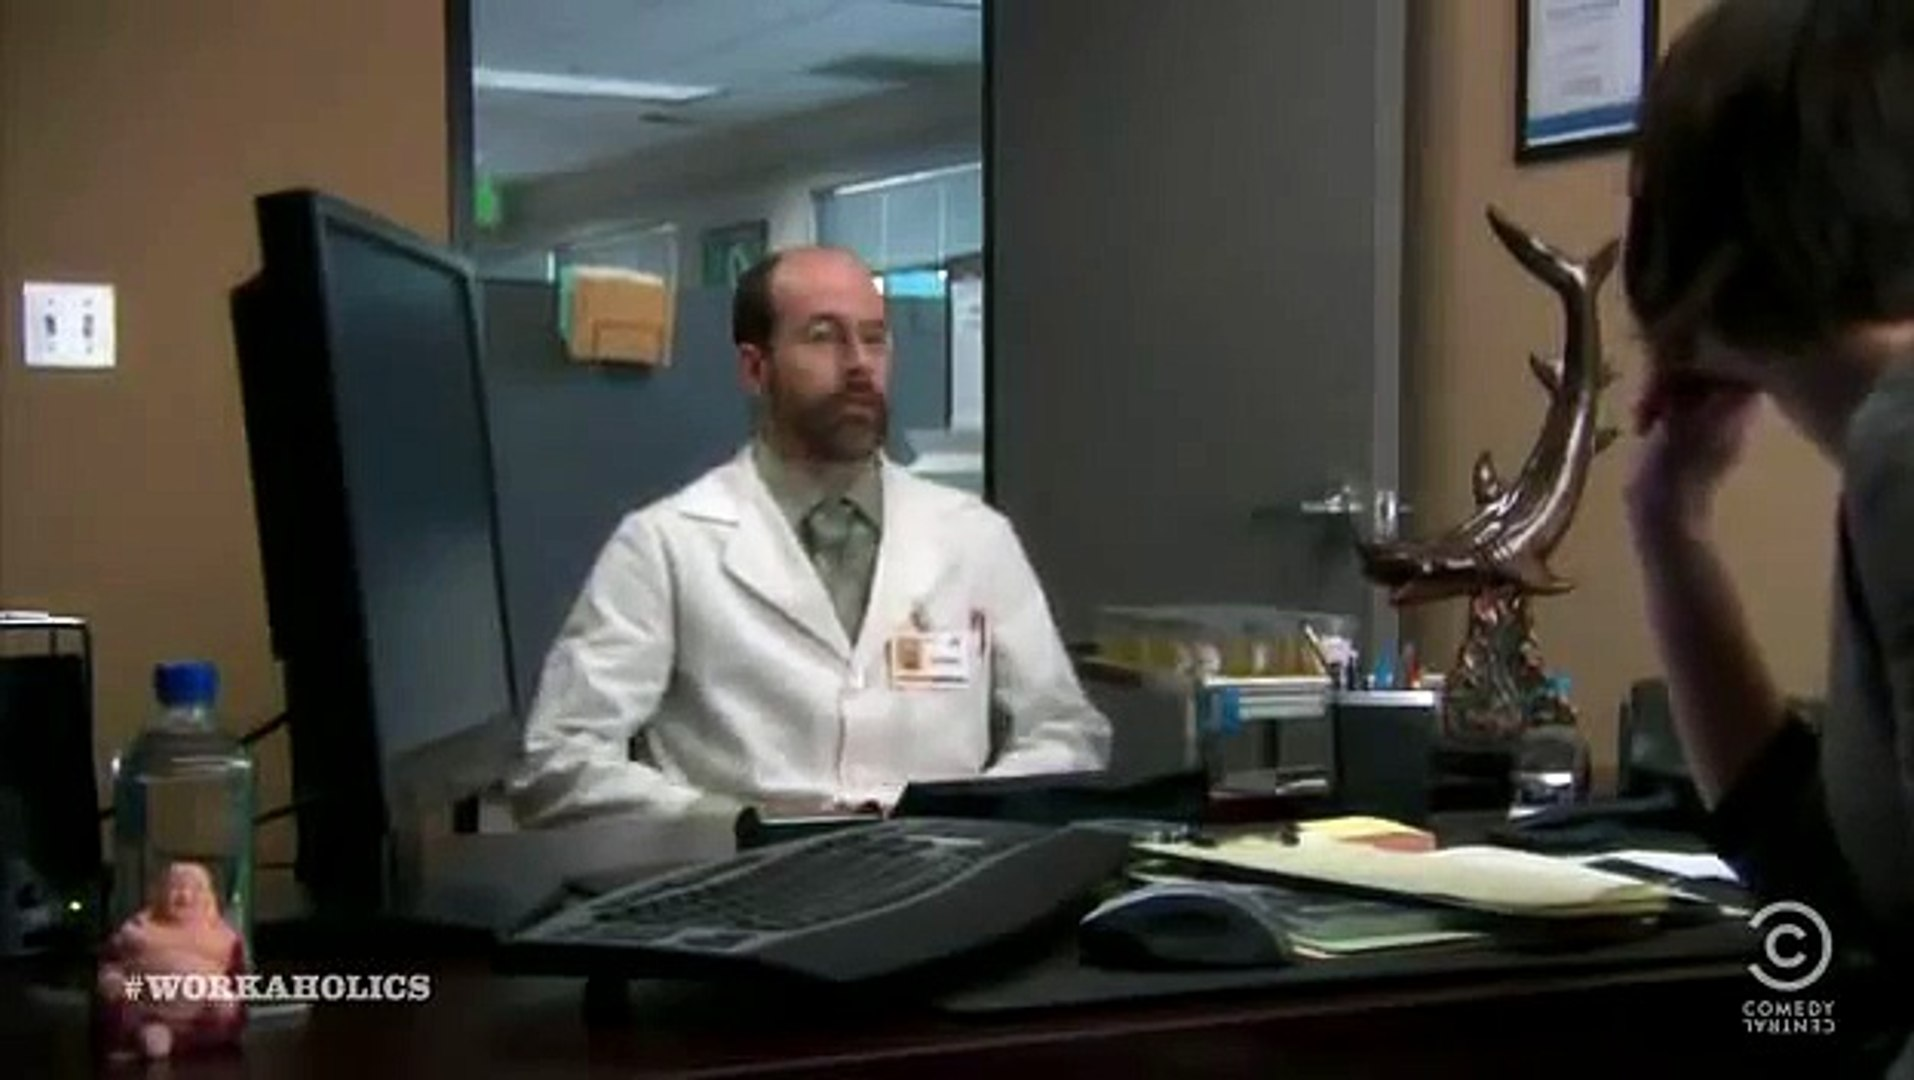 workaholics drug test results